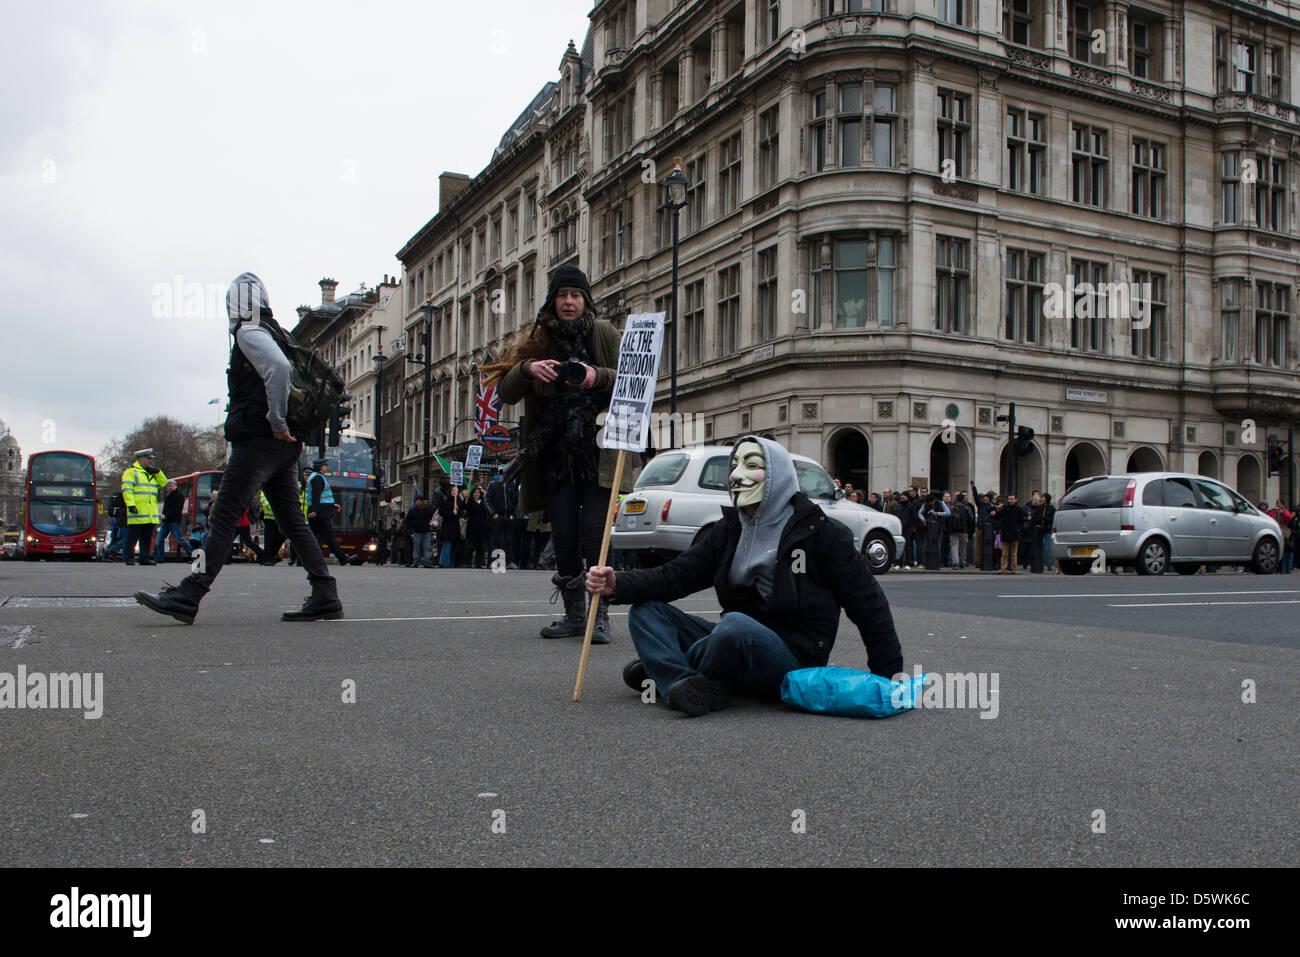 Ein einsamer Demonstrant sitzt in der Mitte von einer Straße in Westminster, London am 30/03/13. Stockfoto